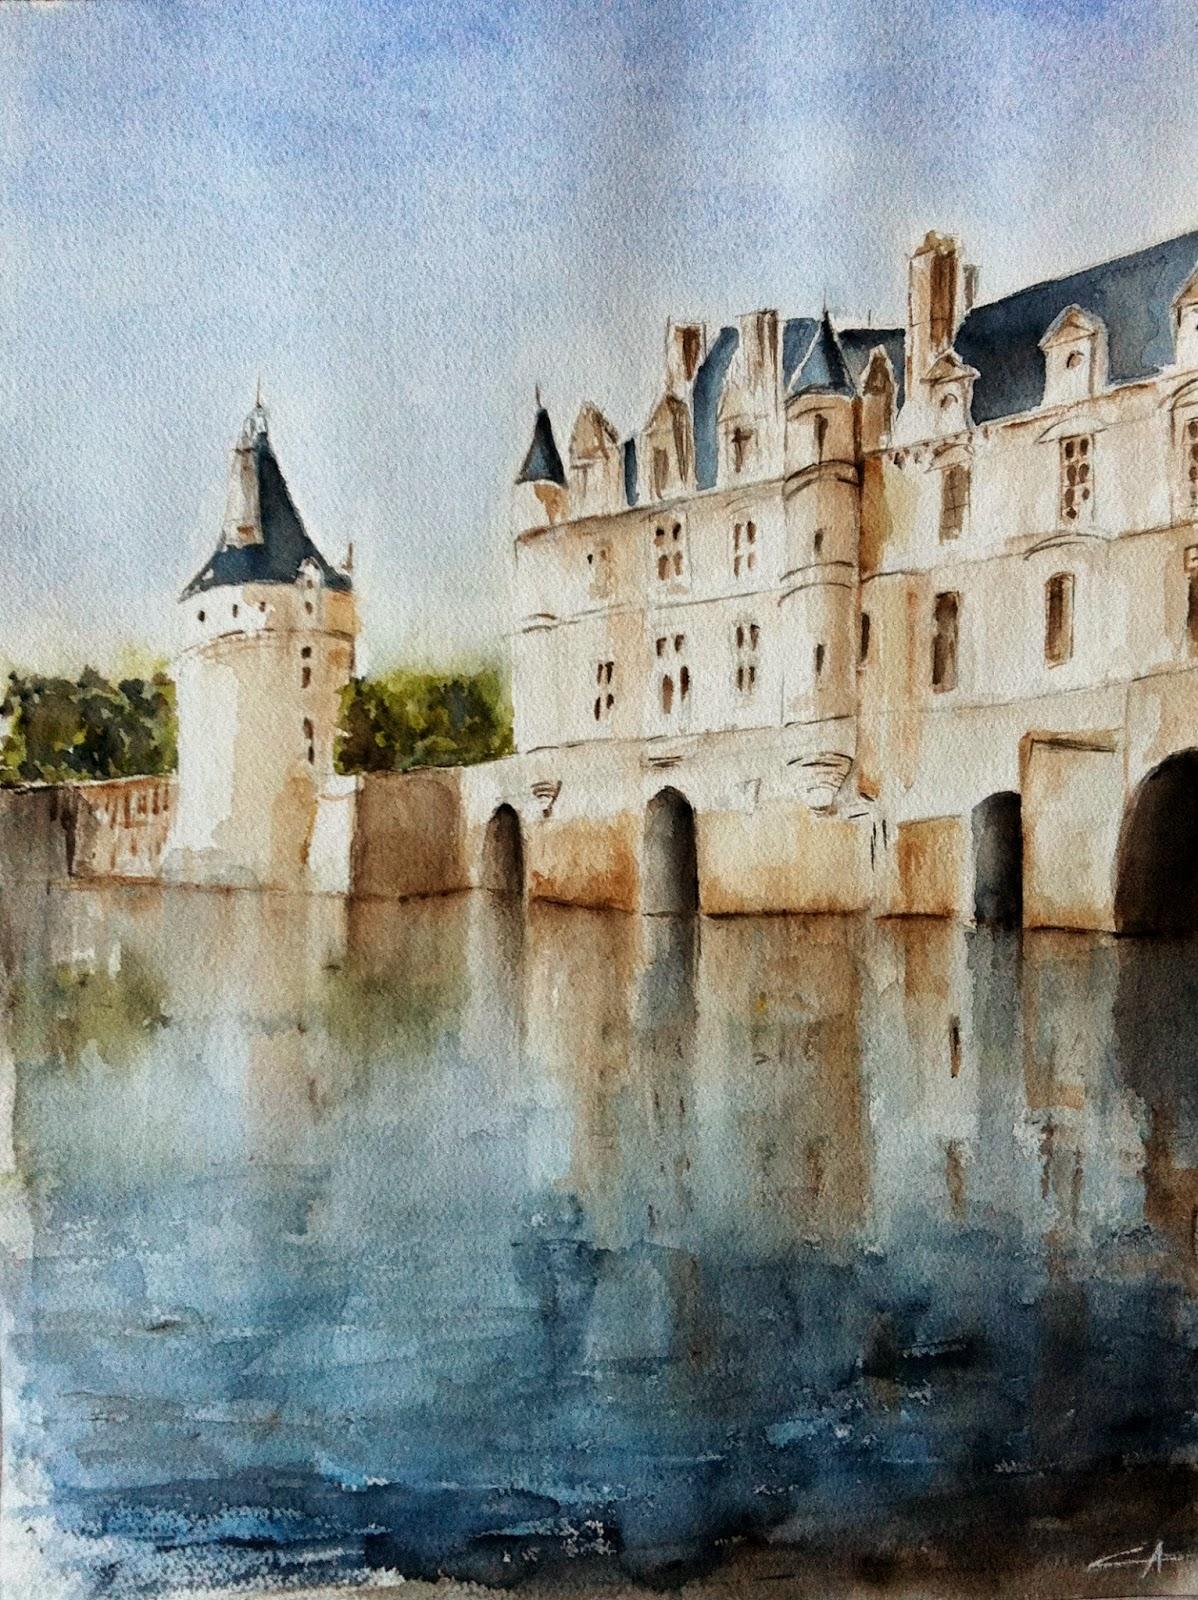 château aquarelle touraine chenonceau soleil